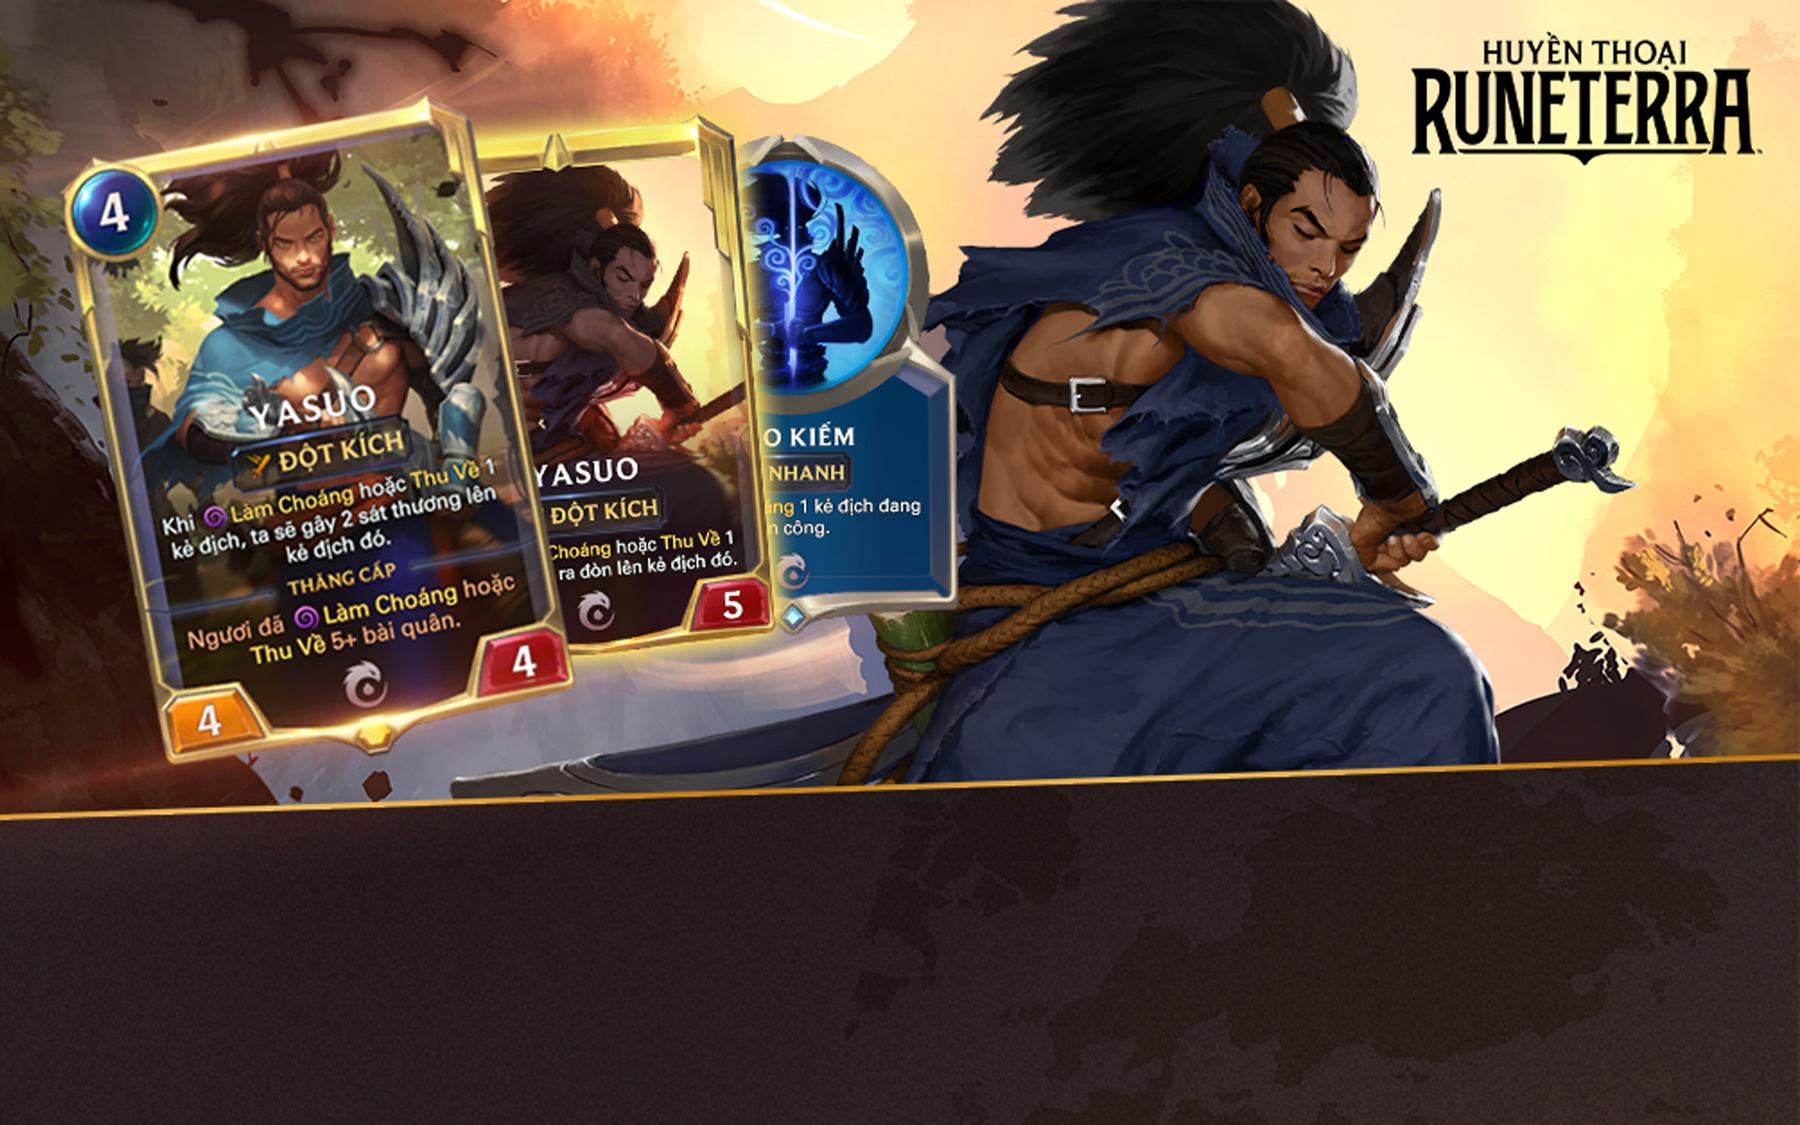 Cùng là game thẻ bài - Huyền Thoại Runeterra có gì khác so với phần lớn card-battle game tại Việt Nam?